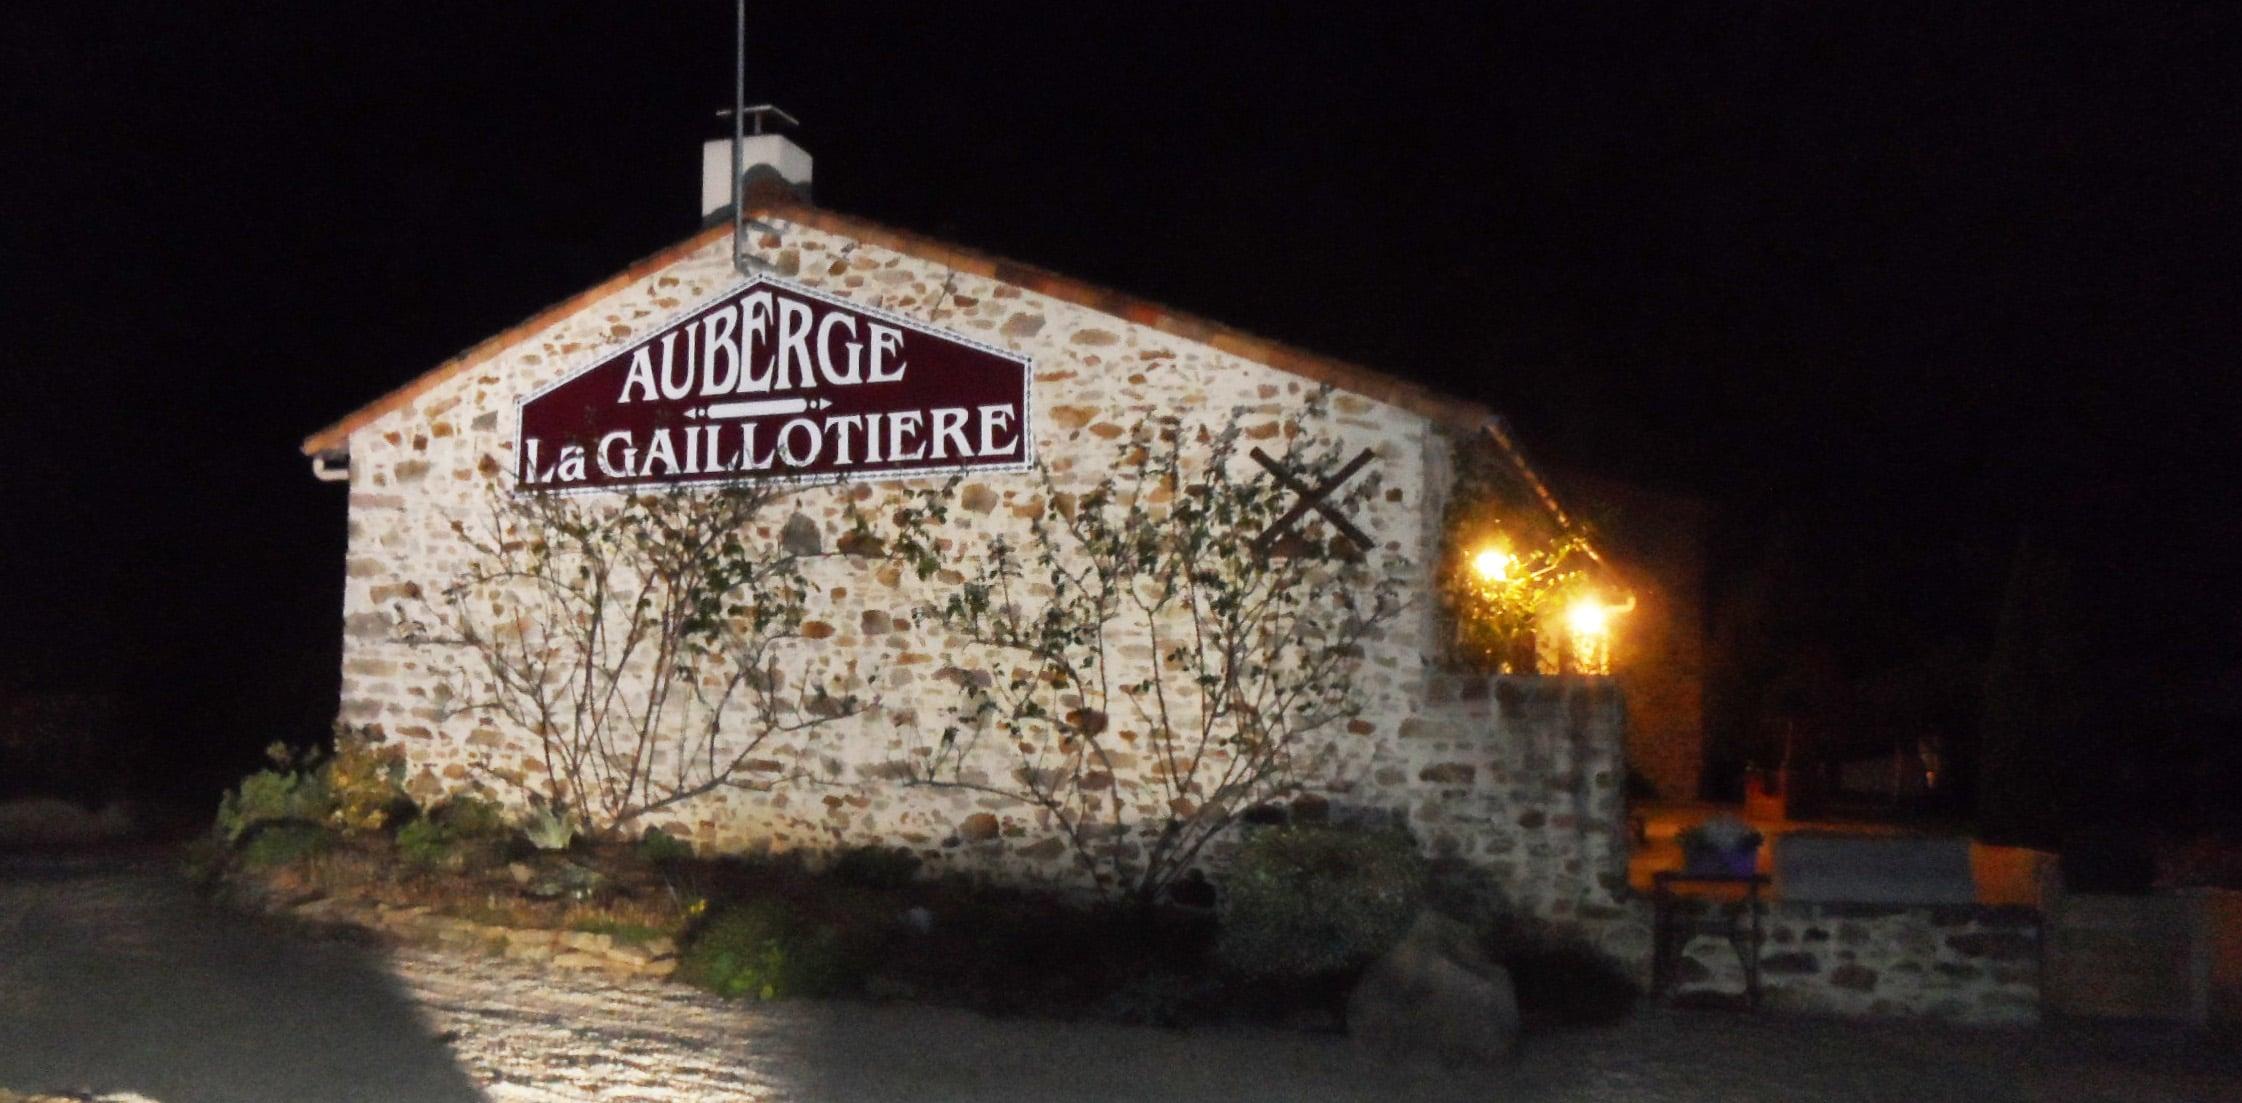 Légumes de saison dans le vignoble breton : Auberge La Gaillotière